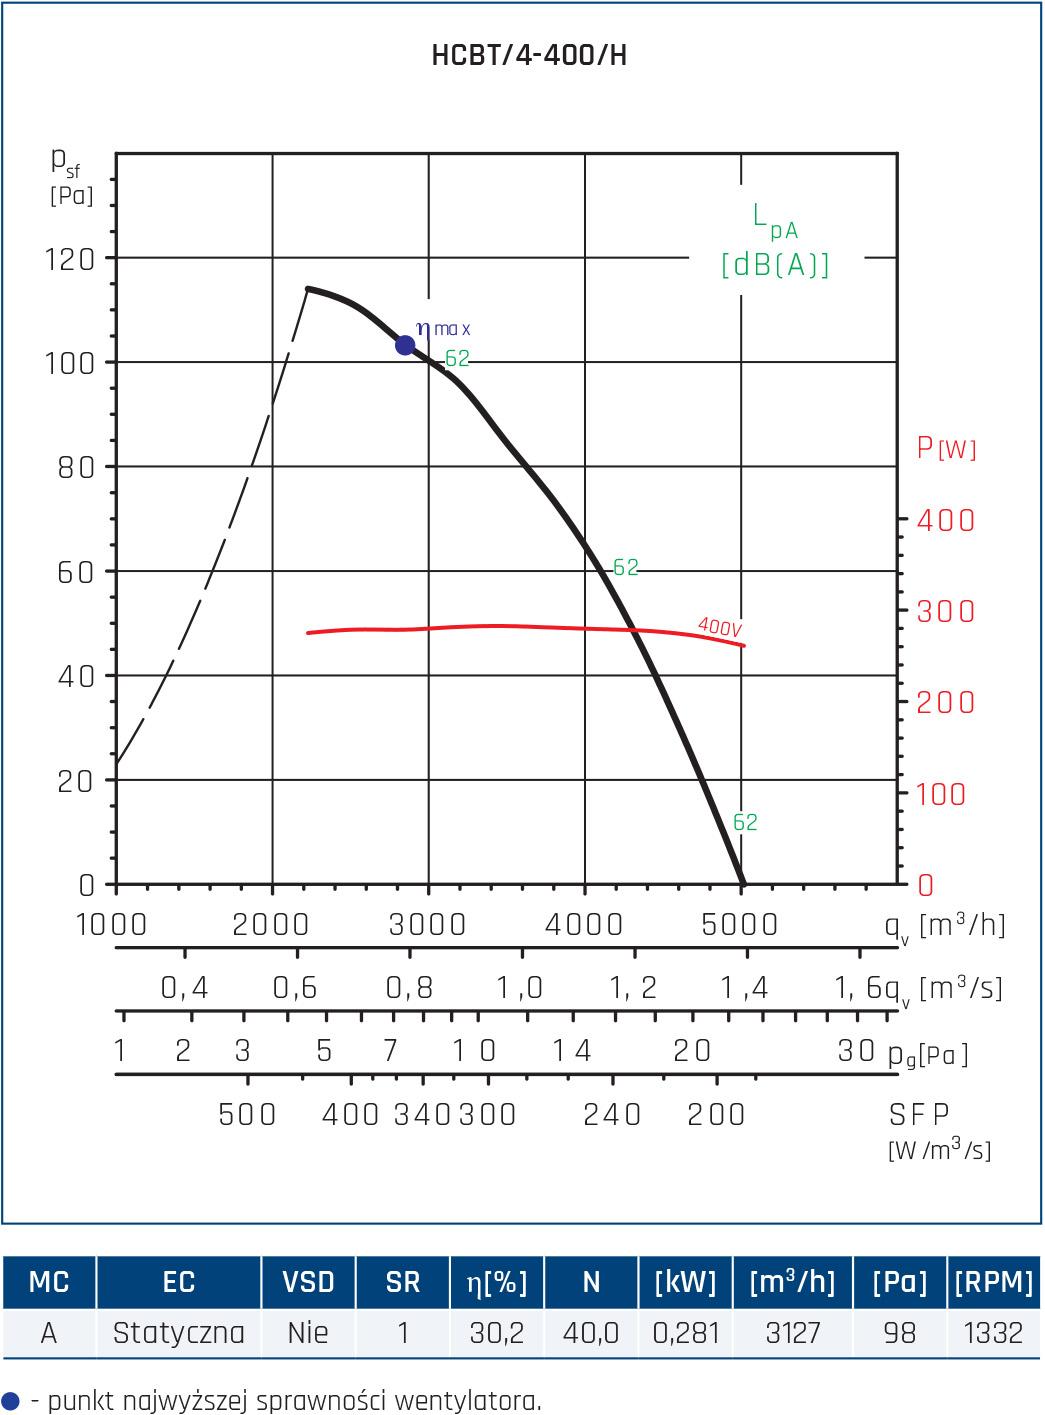 Wentylator przeciwwybuchowy Compact HCBT EX 17